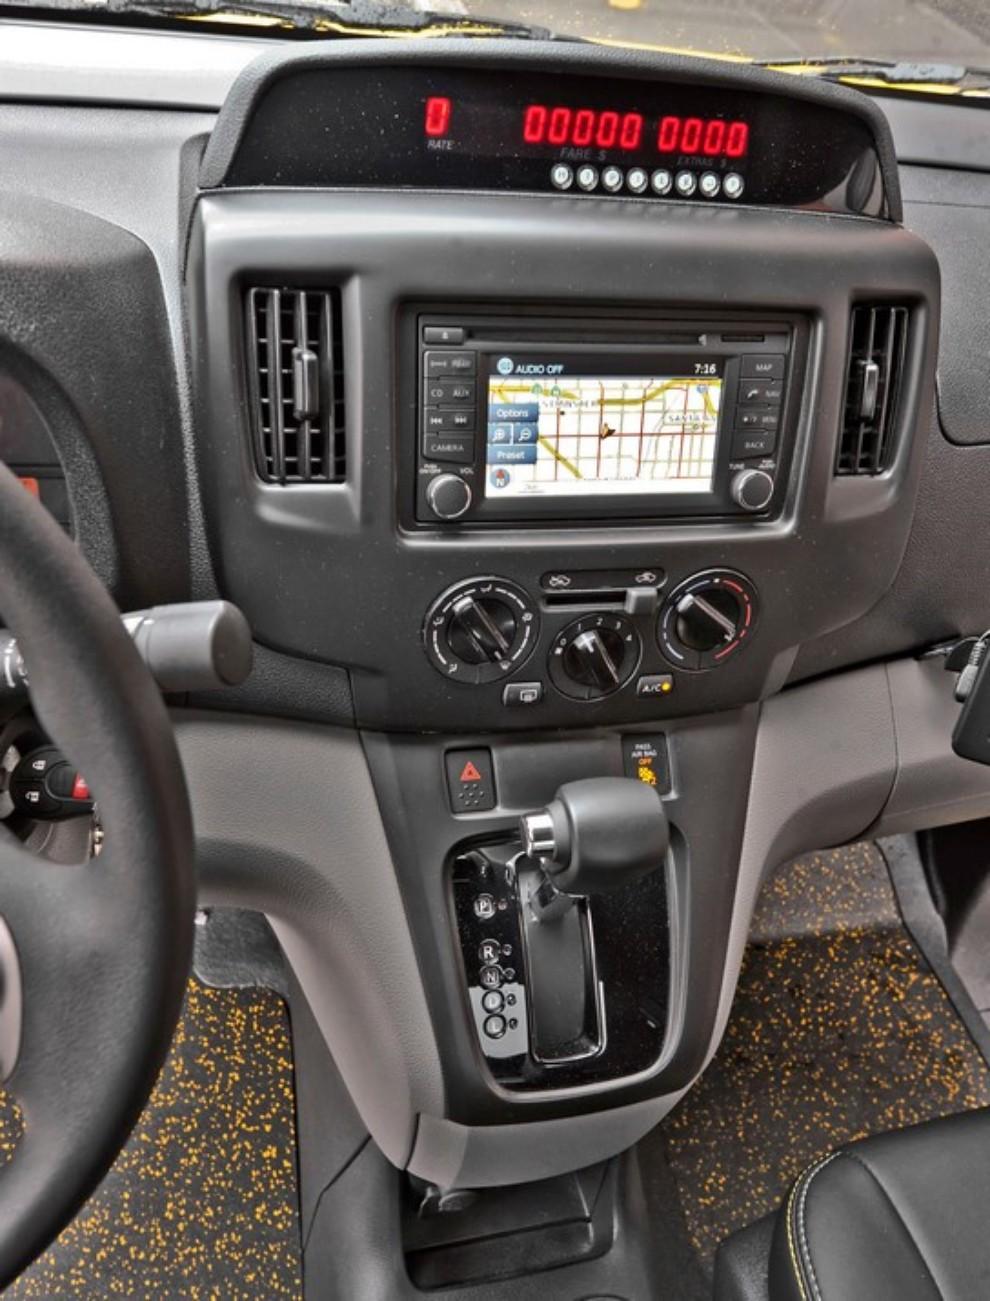 Nissan NV200 è il nuovo taxi di New York - Foto 20 di 28